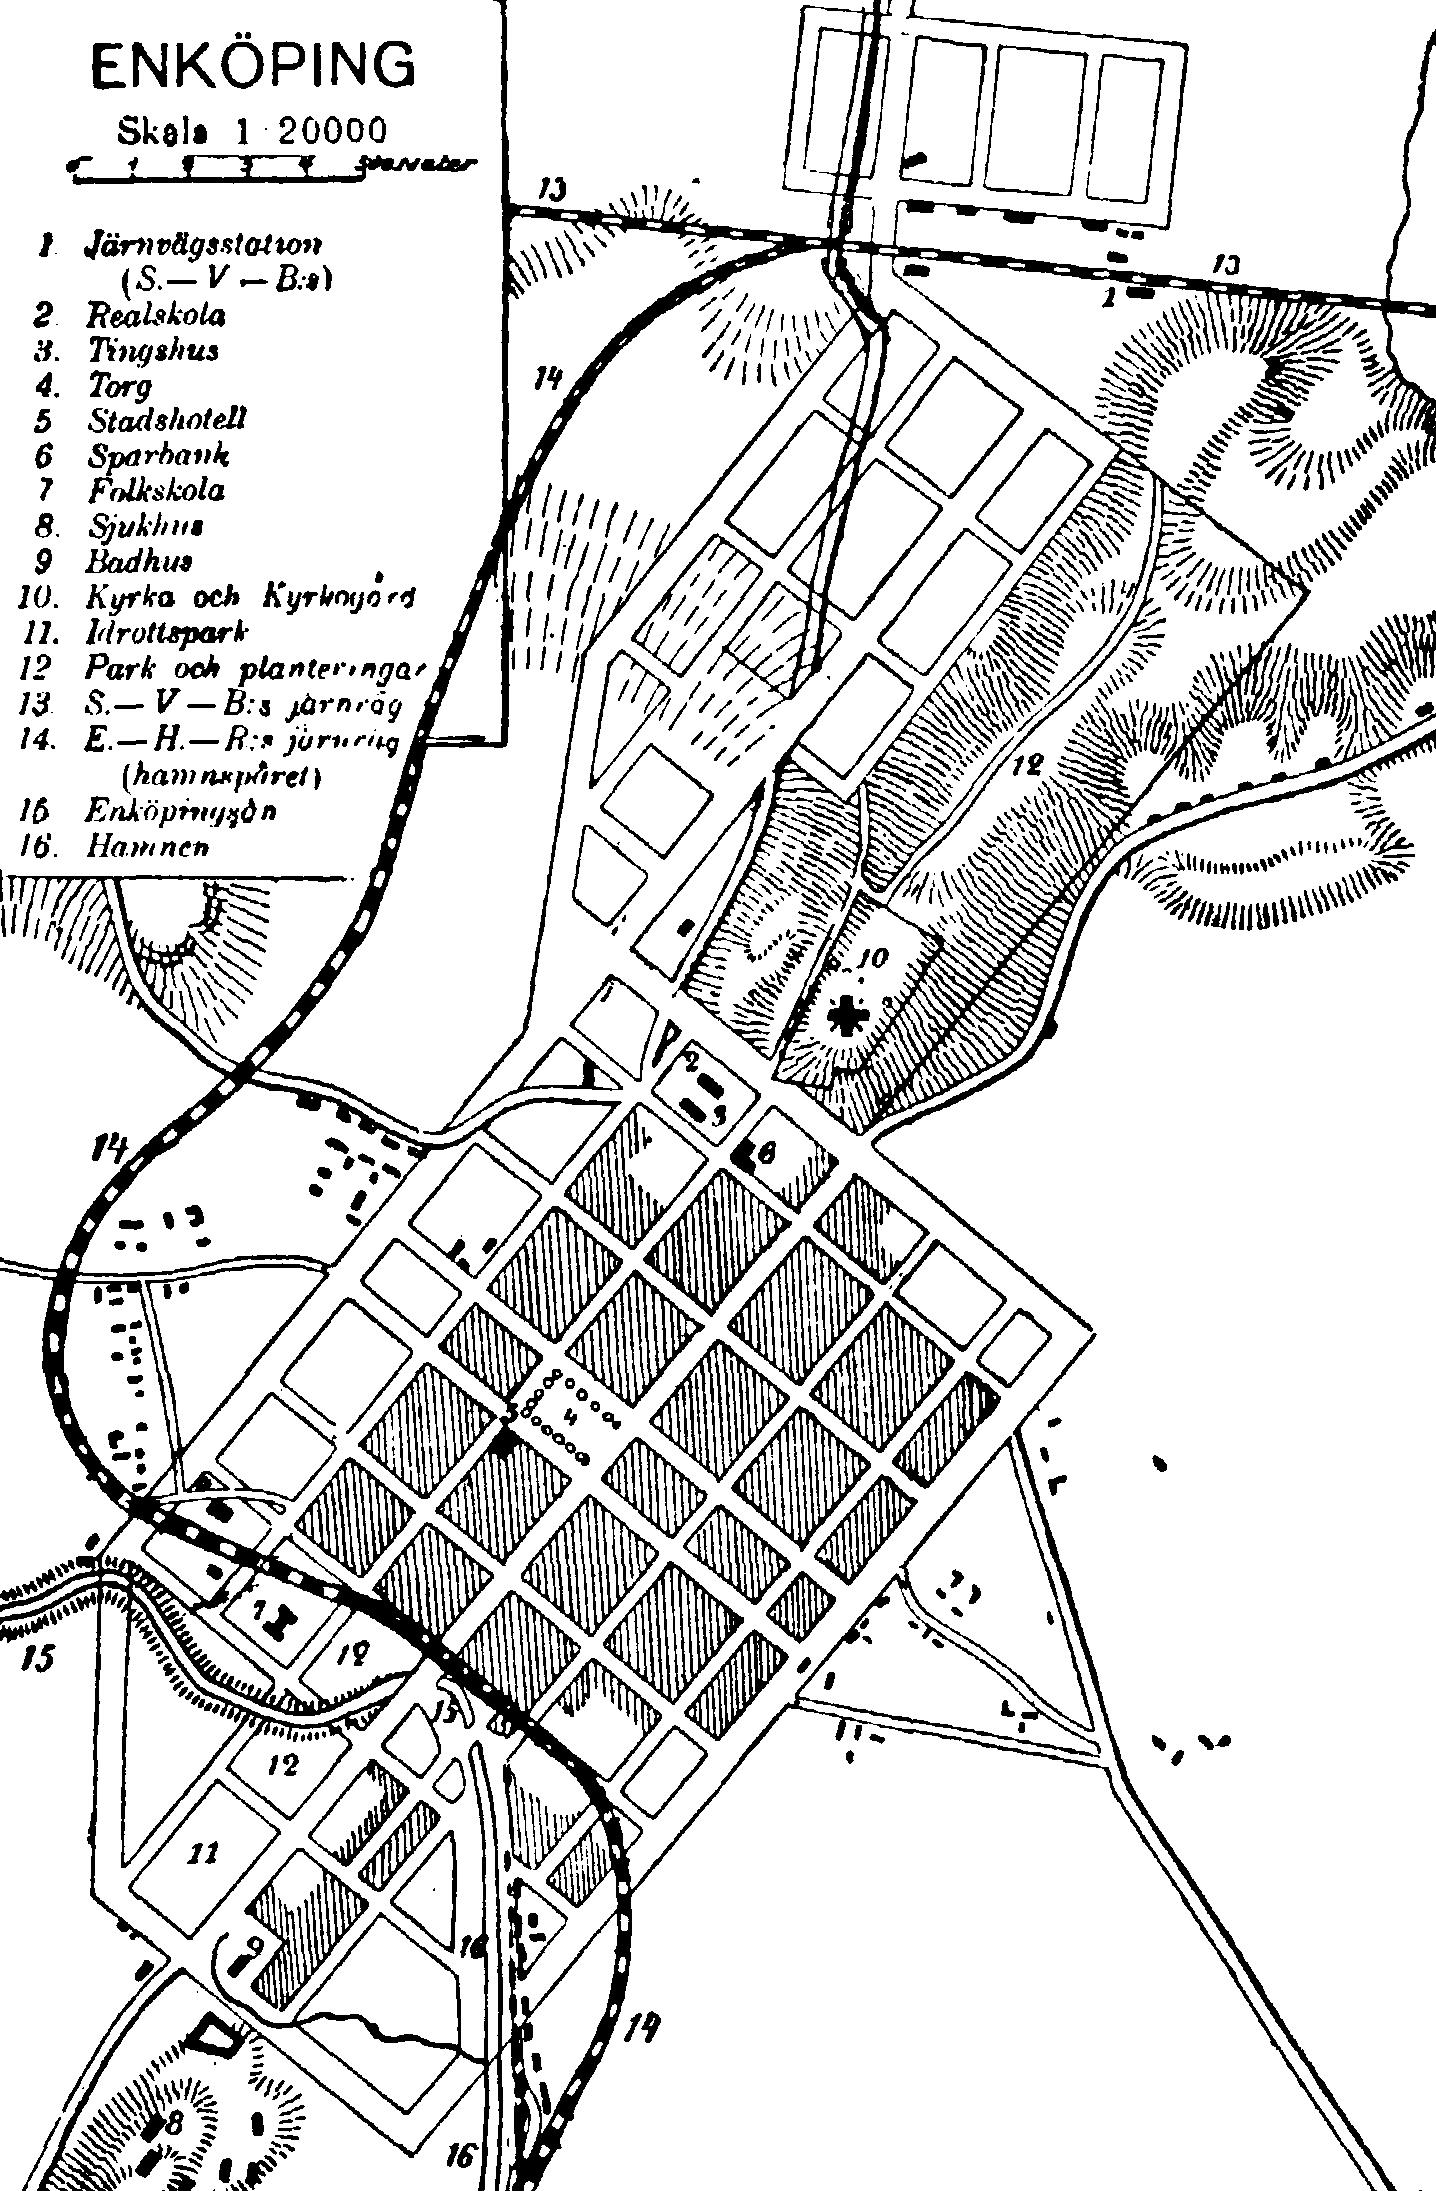 FileSituationsplan af Enköping, Nordisk familjebok.png